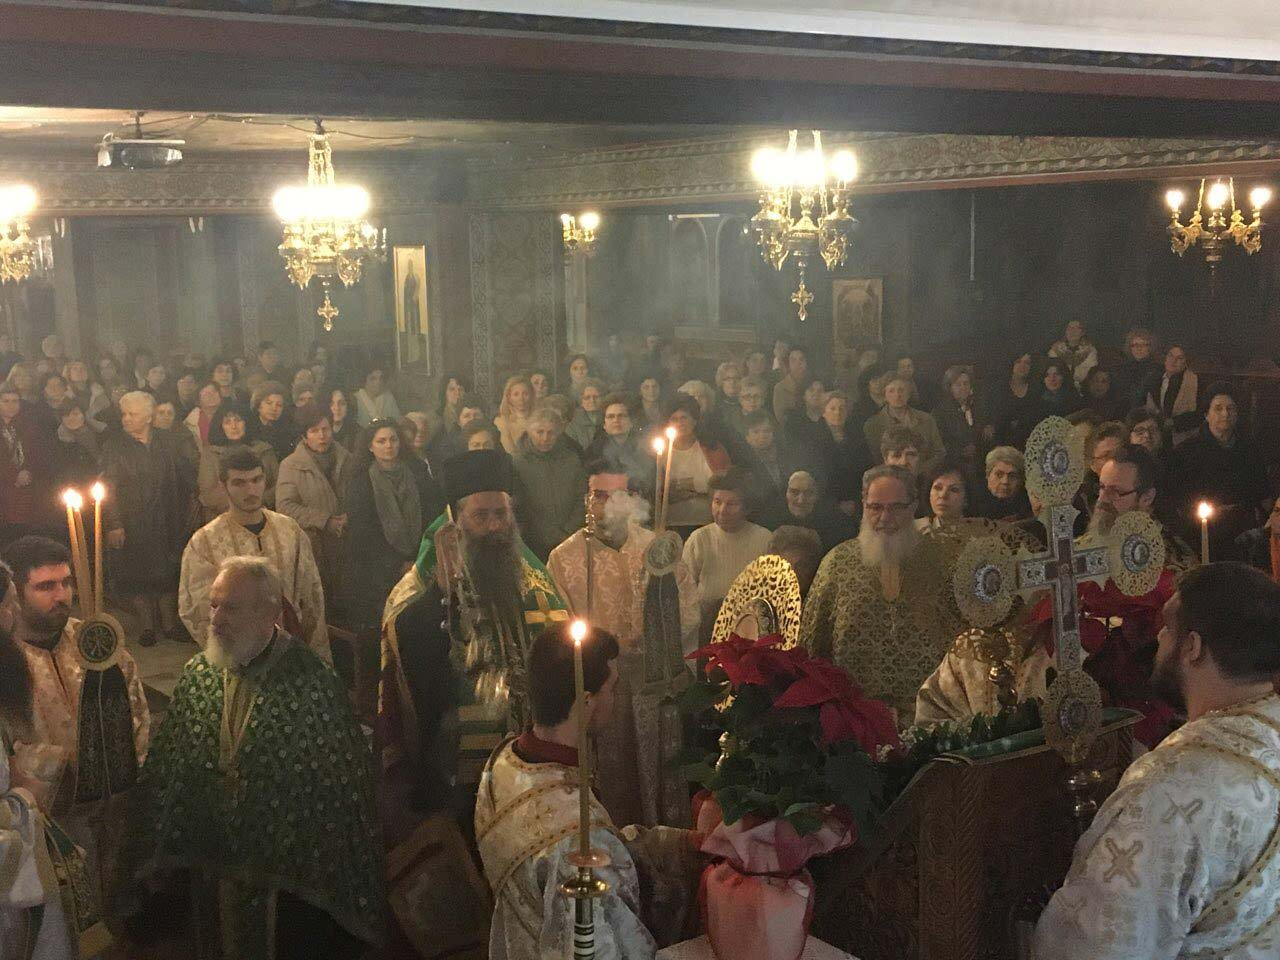 Η Αγιοκατατάξη του Αγίου Ιακώβου (Τσαλίκη) Στην Μητρόπολη Κίτρους